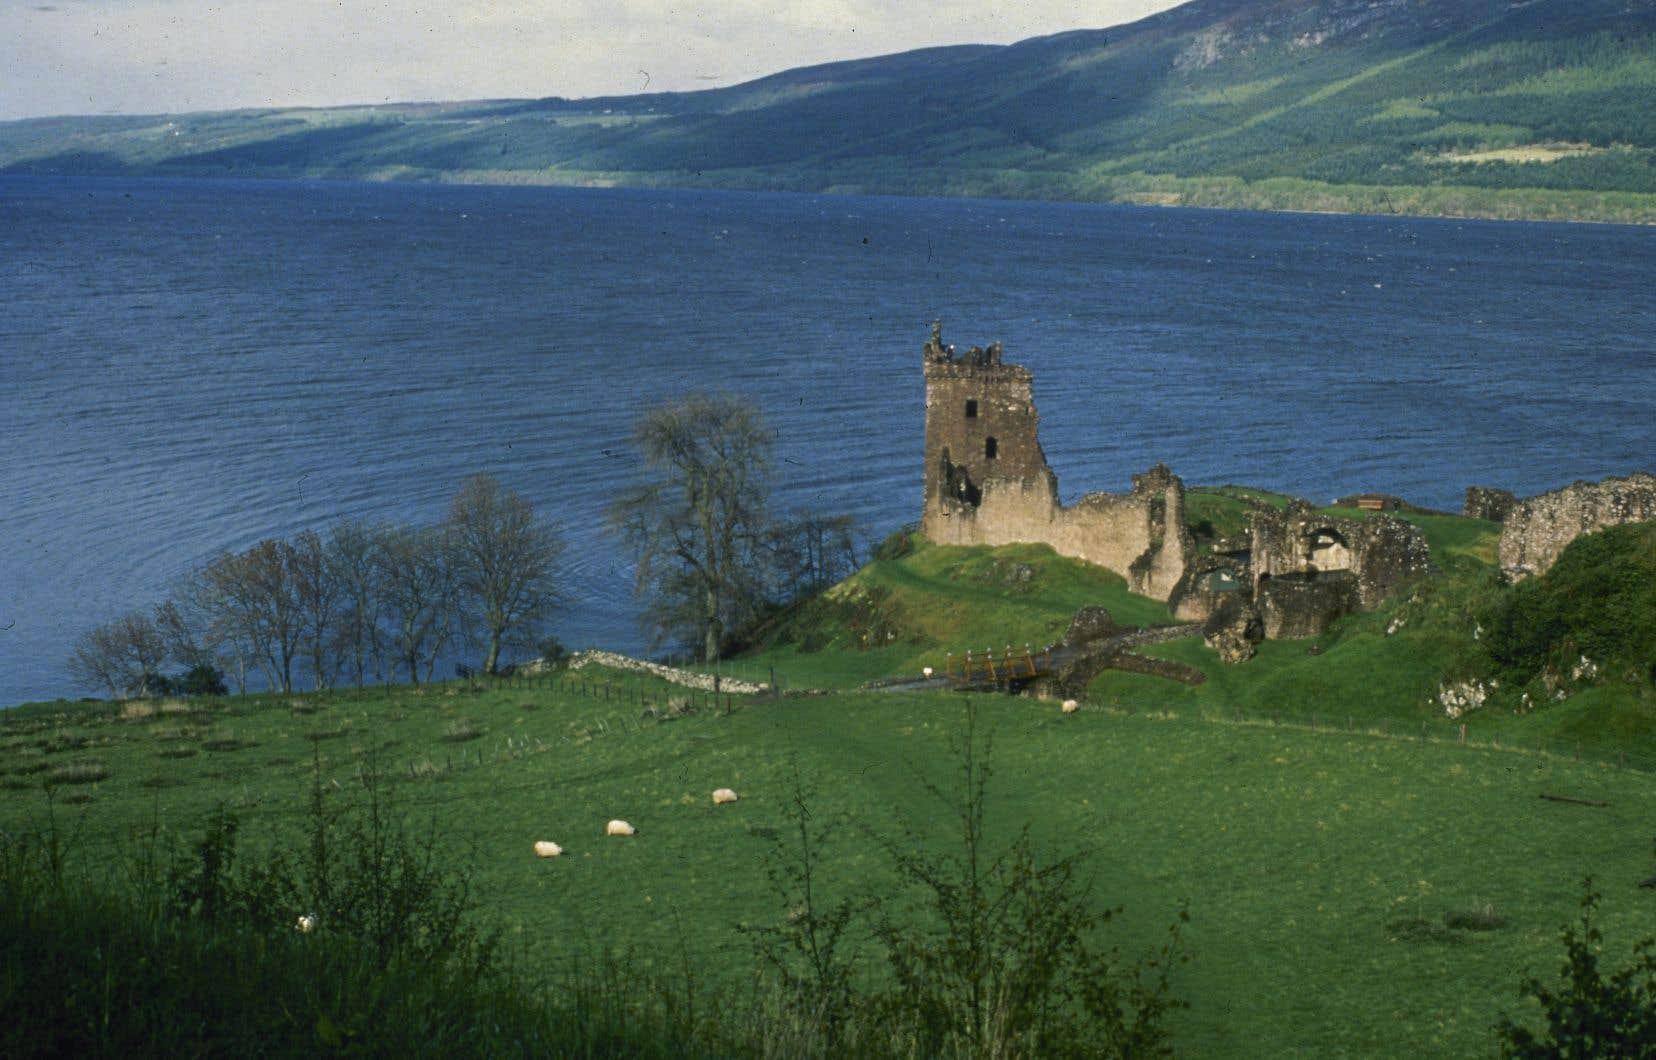 <p>Pendant des centaines d'années, les visiteurs du Loch Ness écossais ont décrit avoir vu un monstre qui, selon certains, se cache dans ses profondeurs.</p>